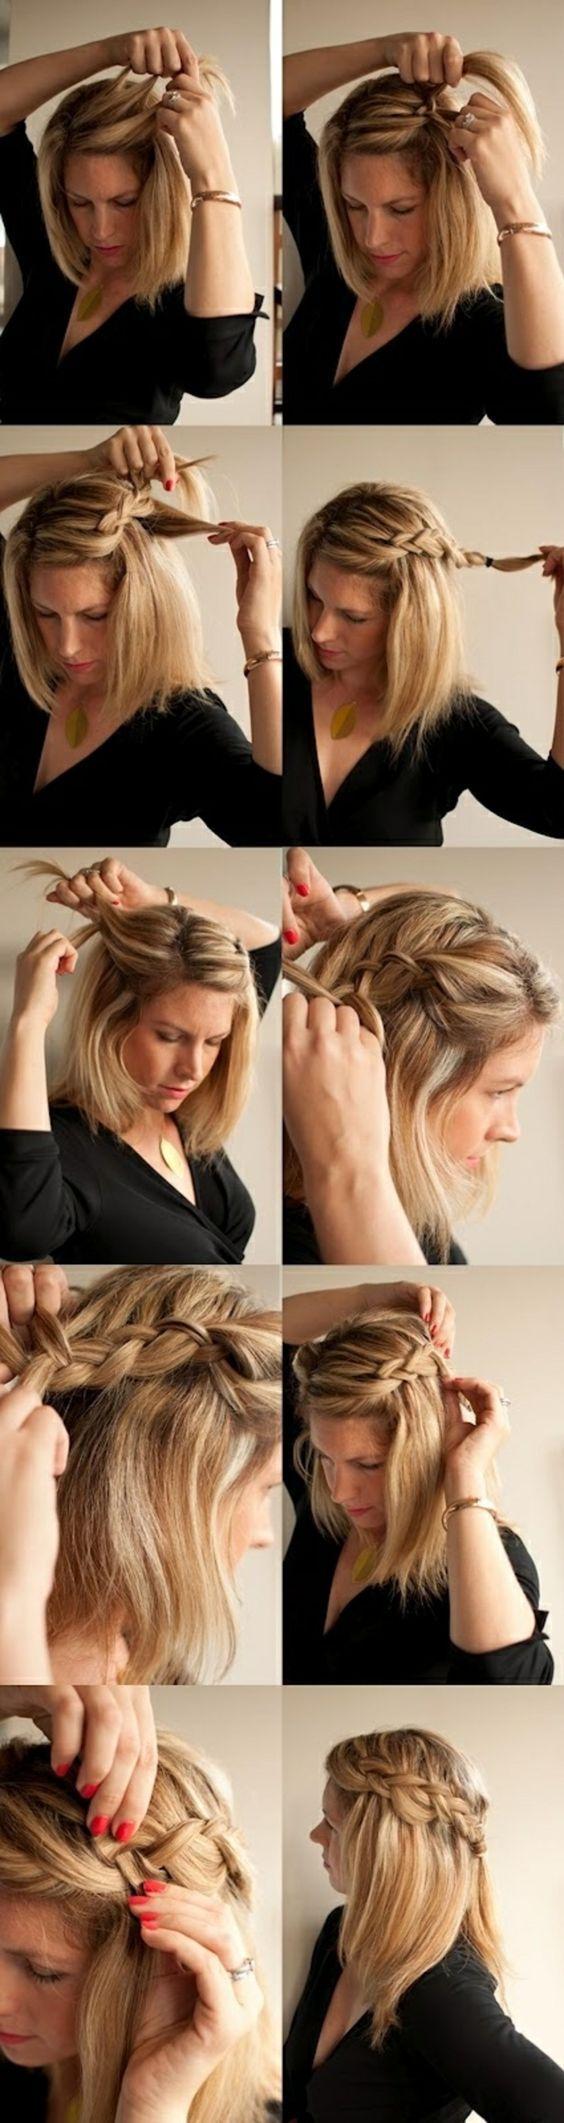 Comment faire une coiffure facile cheveux mi,longs?